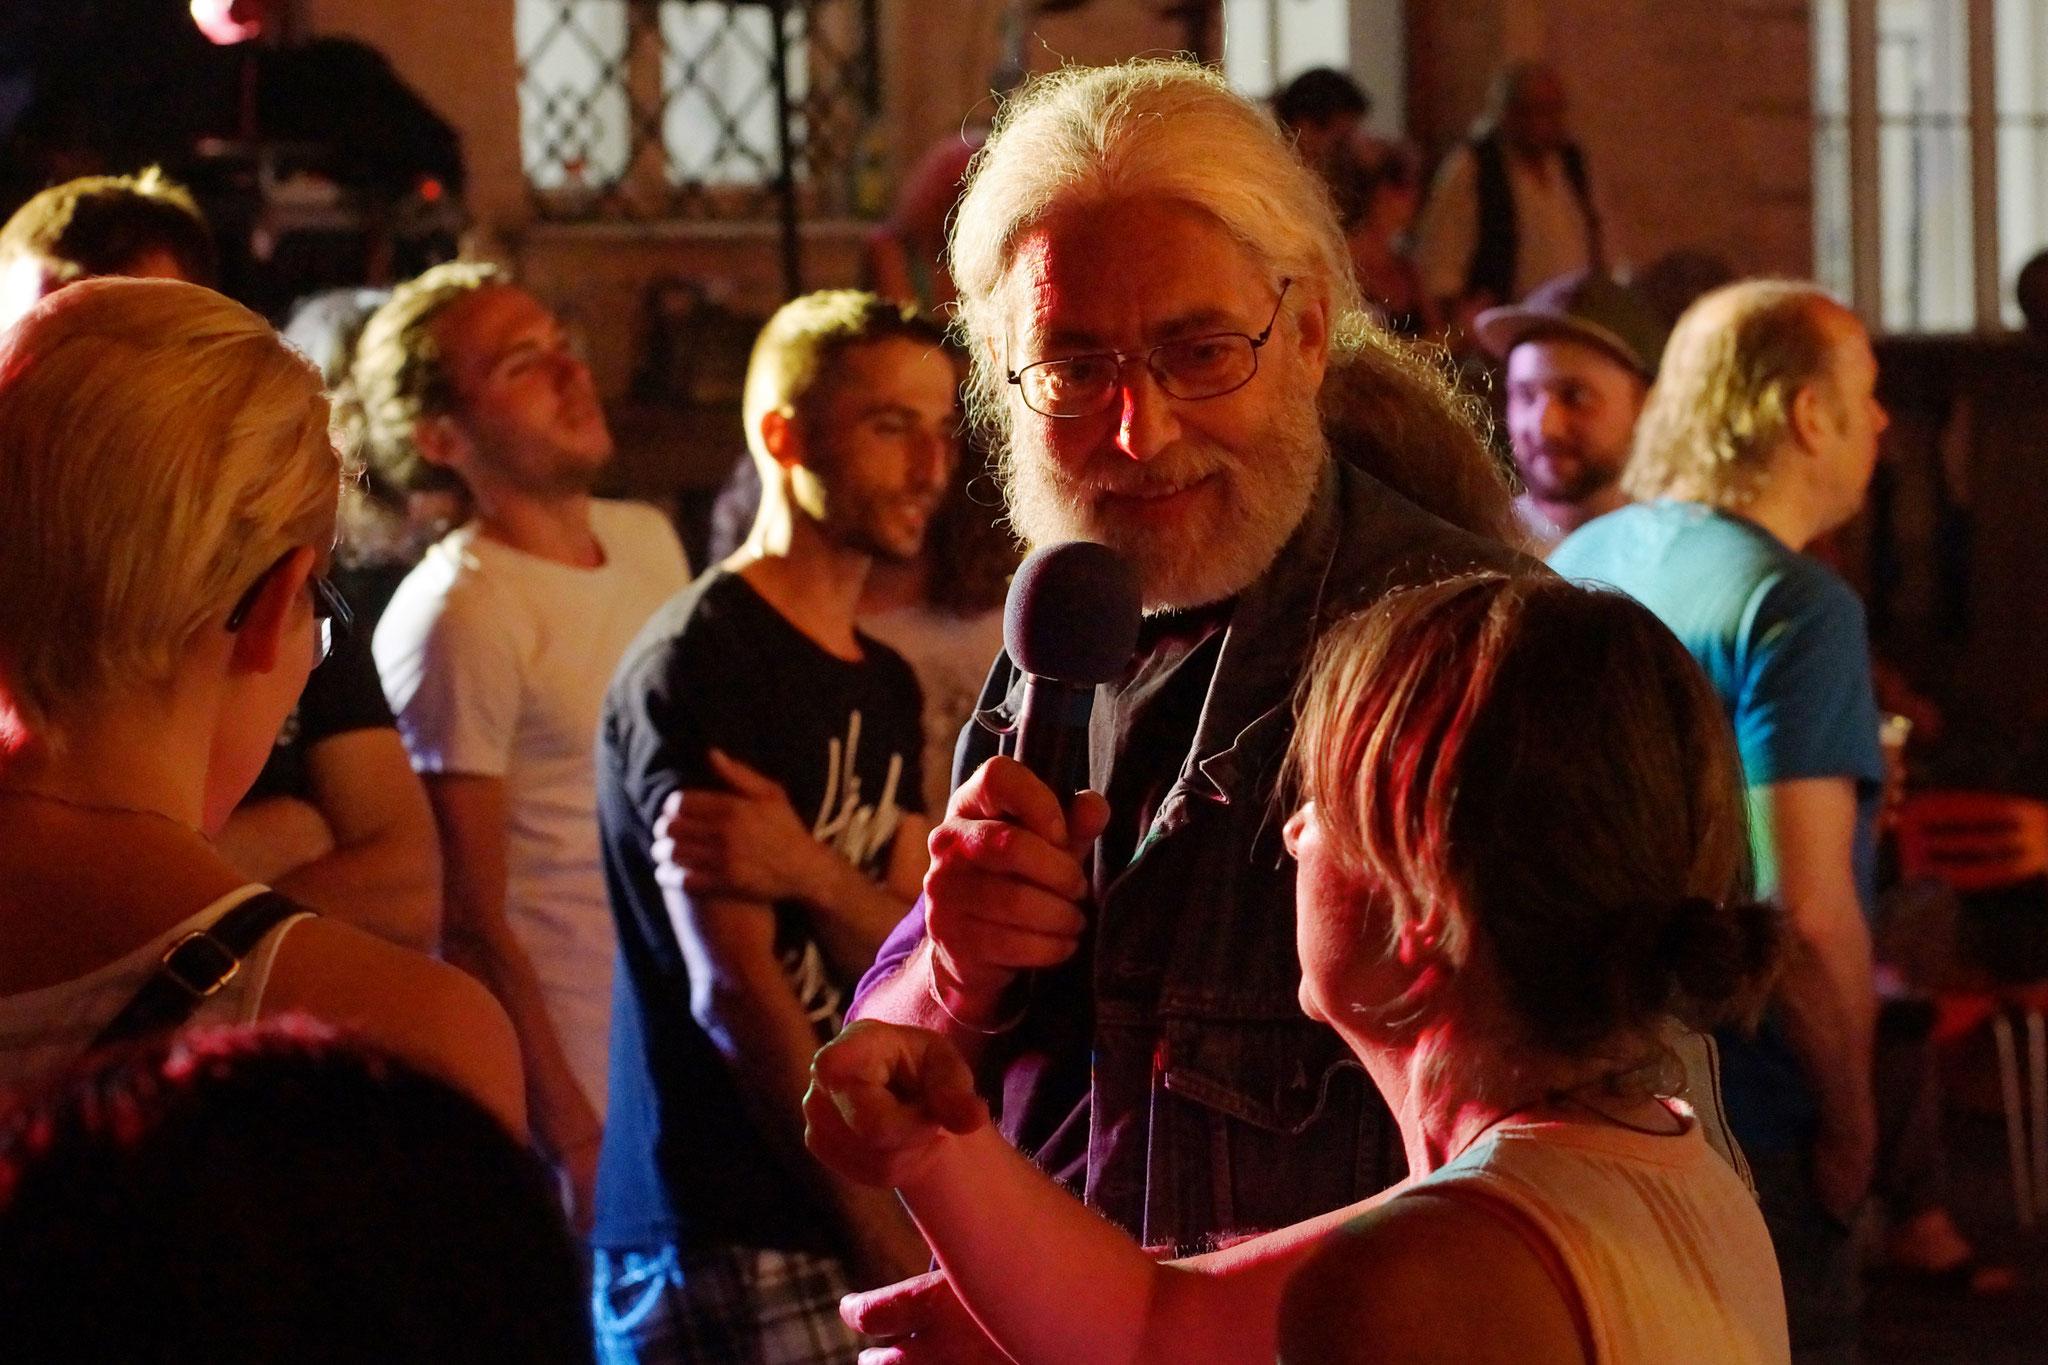 Konzerte im Bürgerhof 03.07.15 Wolfgang F. Lightmaster - Freiwilligen-Zentrum Augsburg - Foto: Crayfish